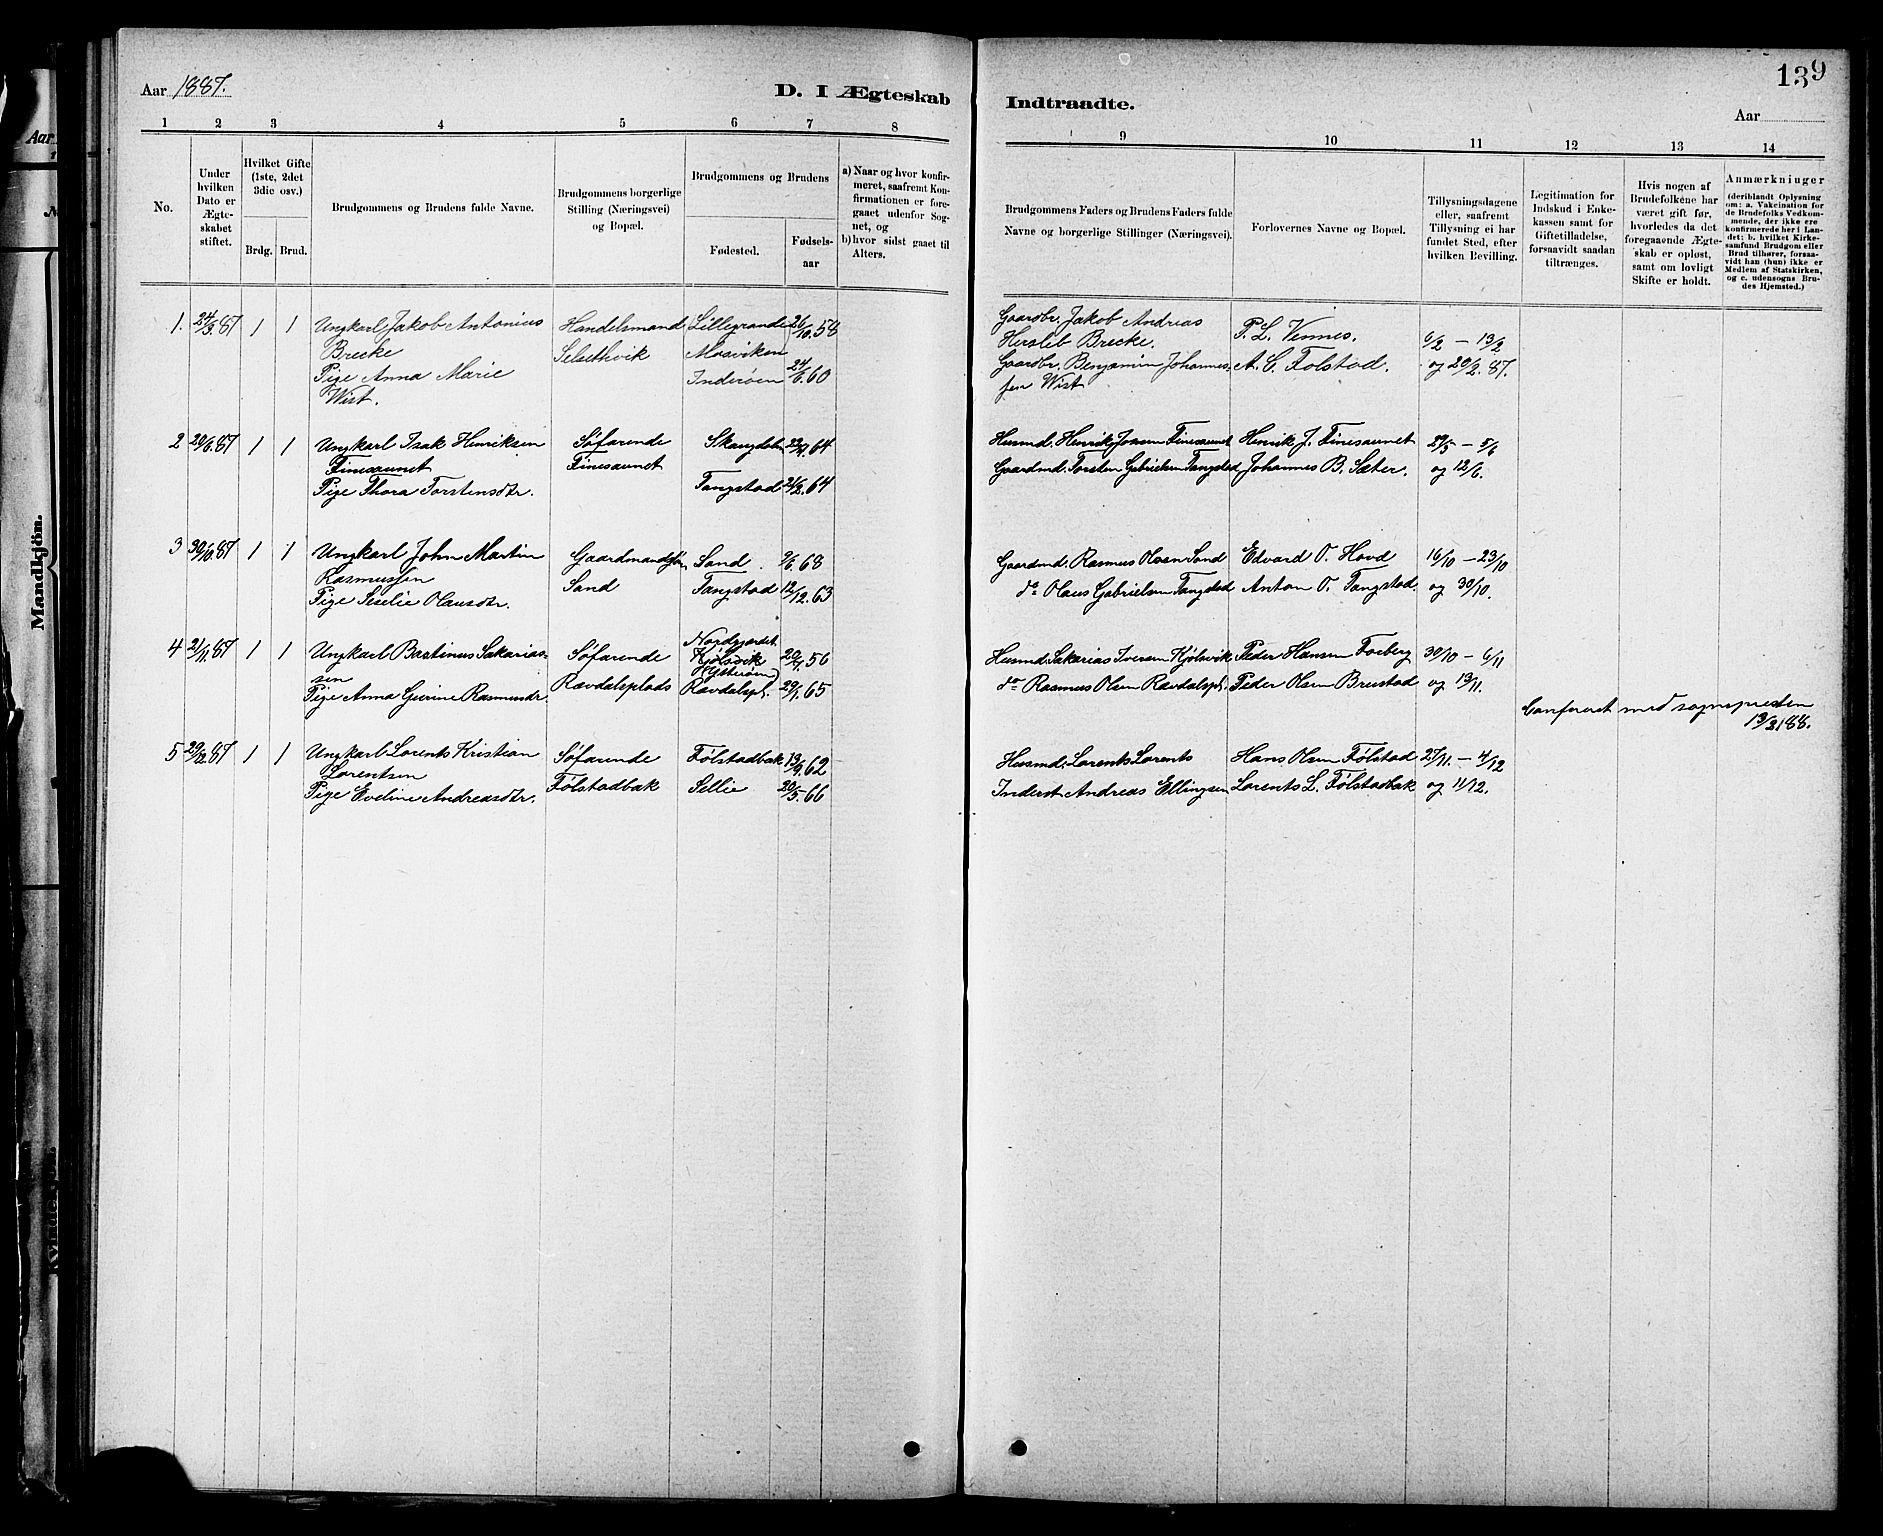 SAT, Ministerialprotokoller, klokkerbøker og fødselsregistre - Nord-Trøndelag, 744/L0423: Klokkerbok nr. 744C02, 1886-1905, s. 139